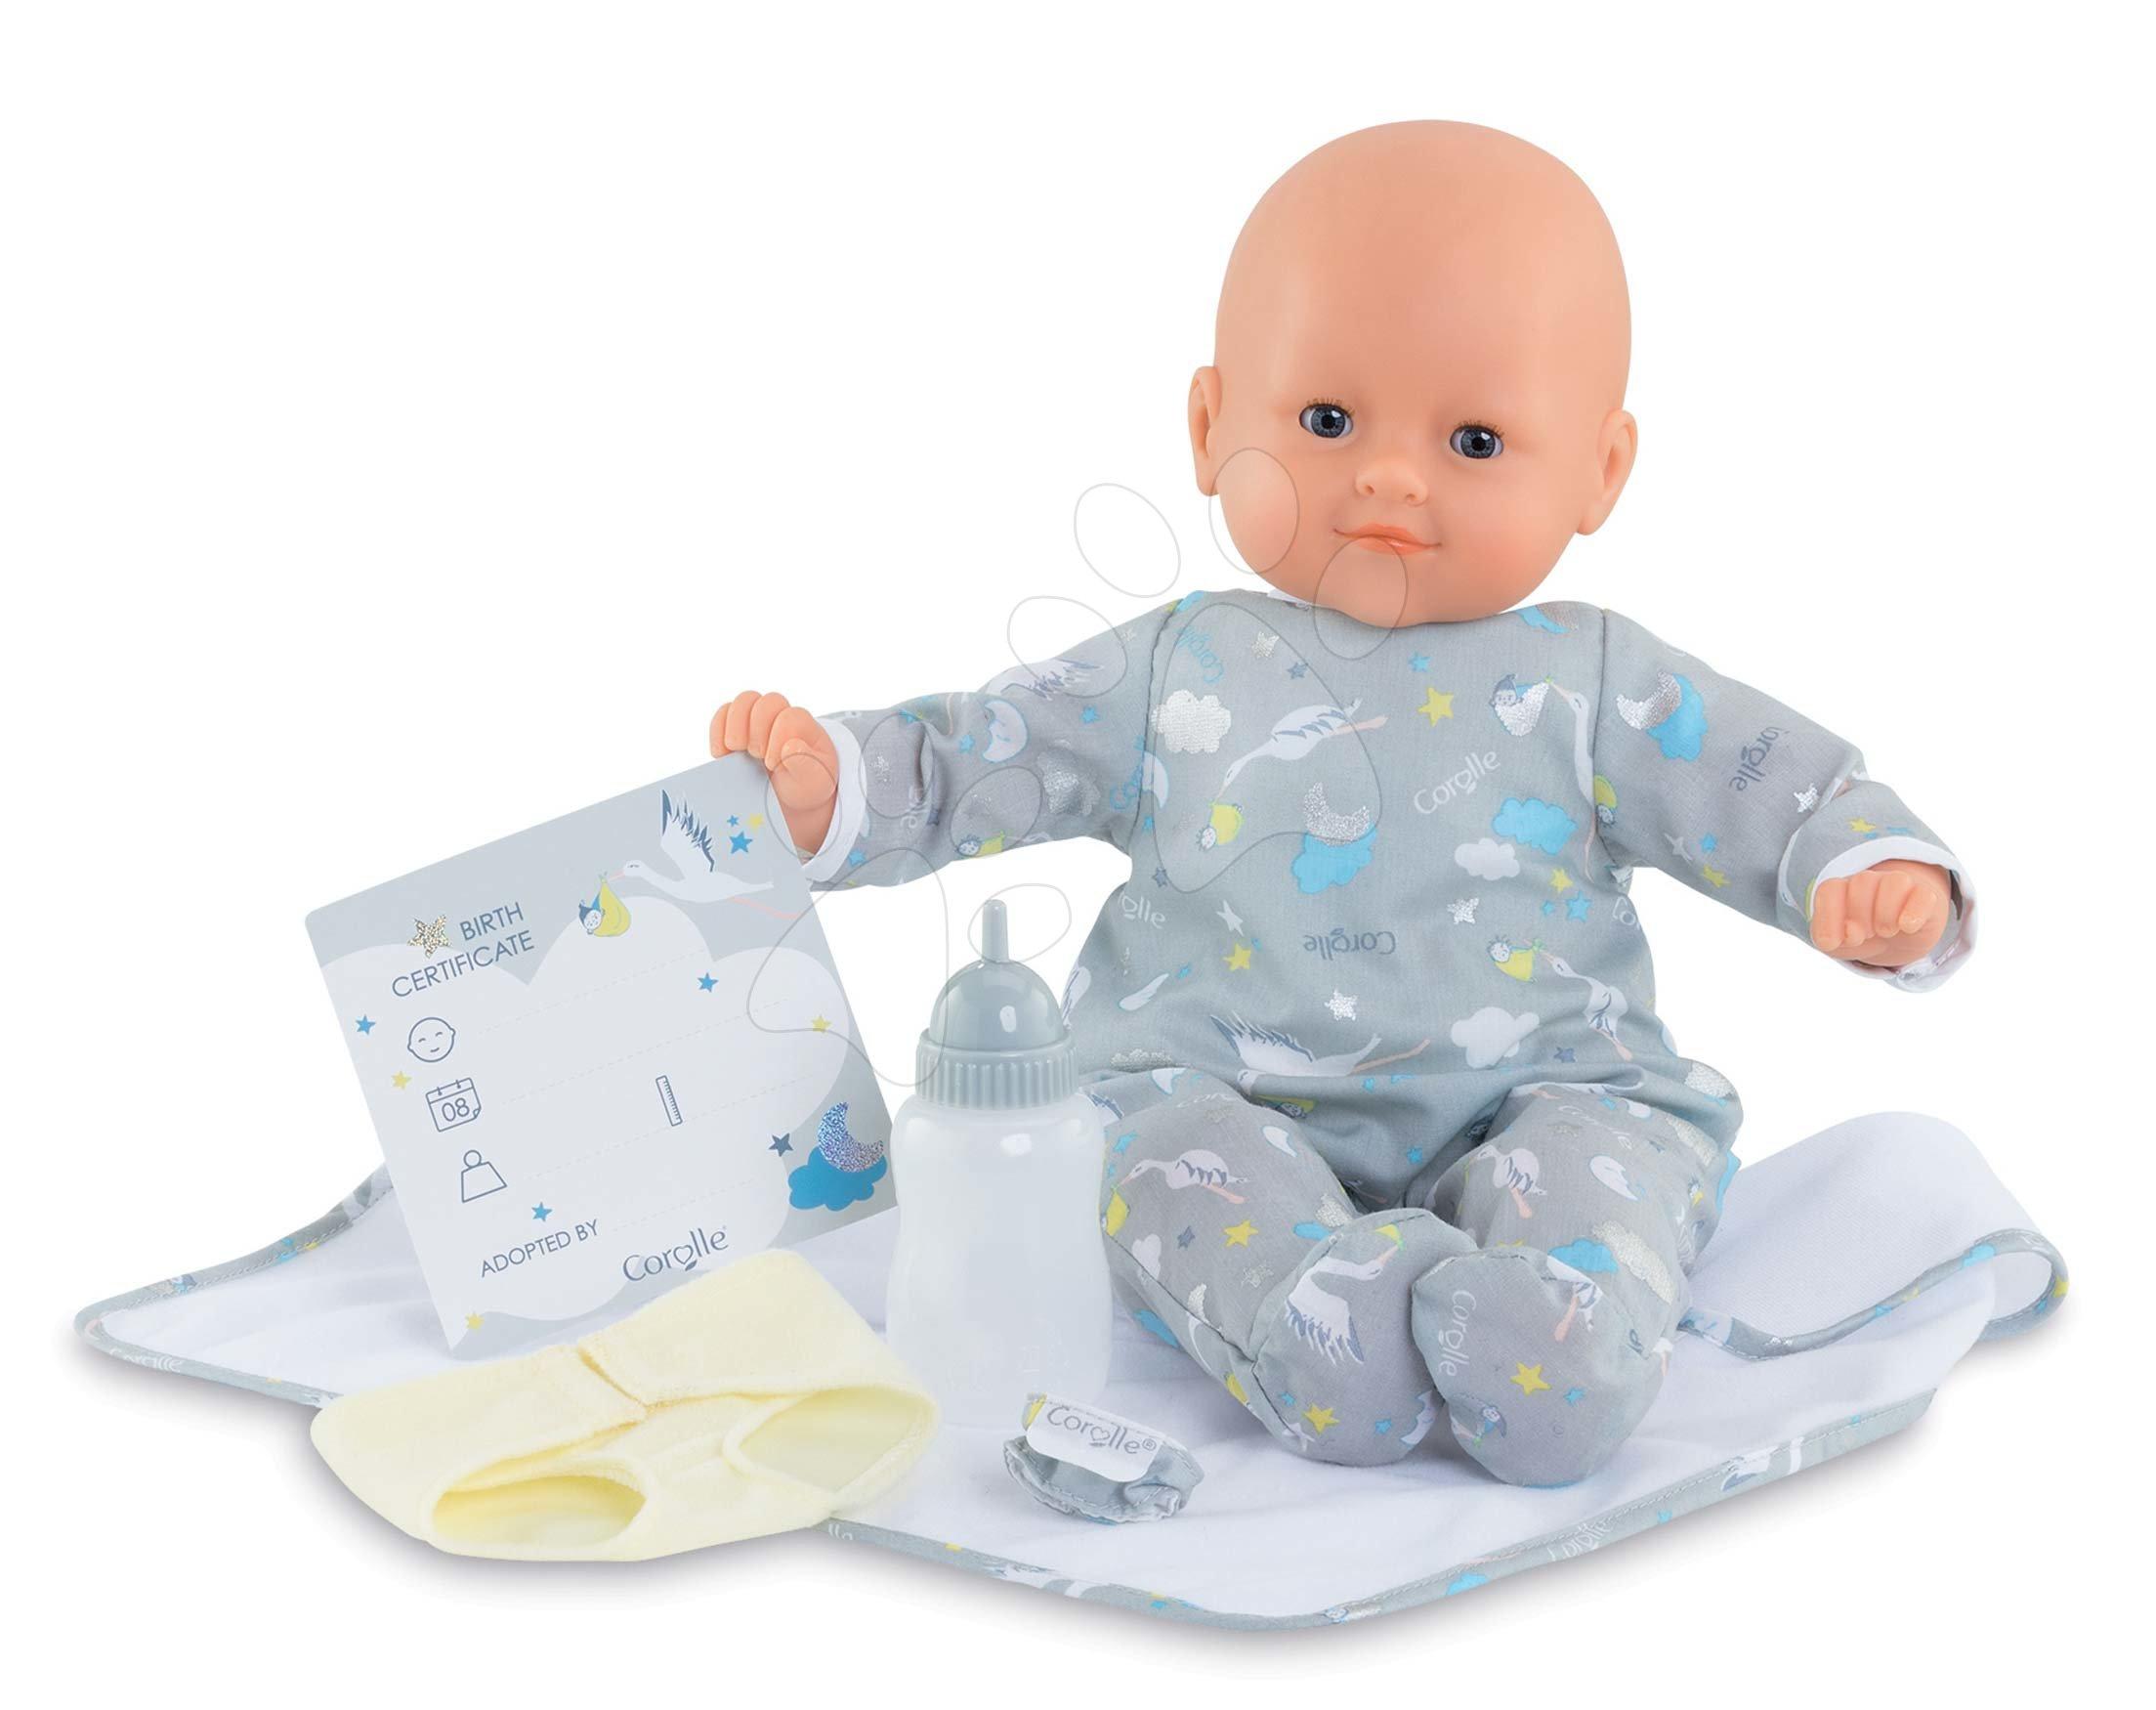 Panenky od 24 měsíců - Panenka novorozenec My New Born Child Mon Grand Poupon Corolle 36 cm s modrými mrkacími očima od 24 měs